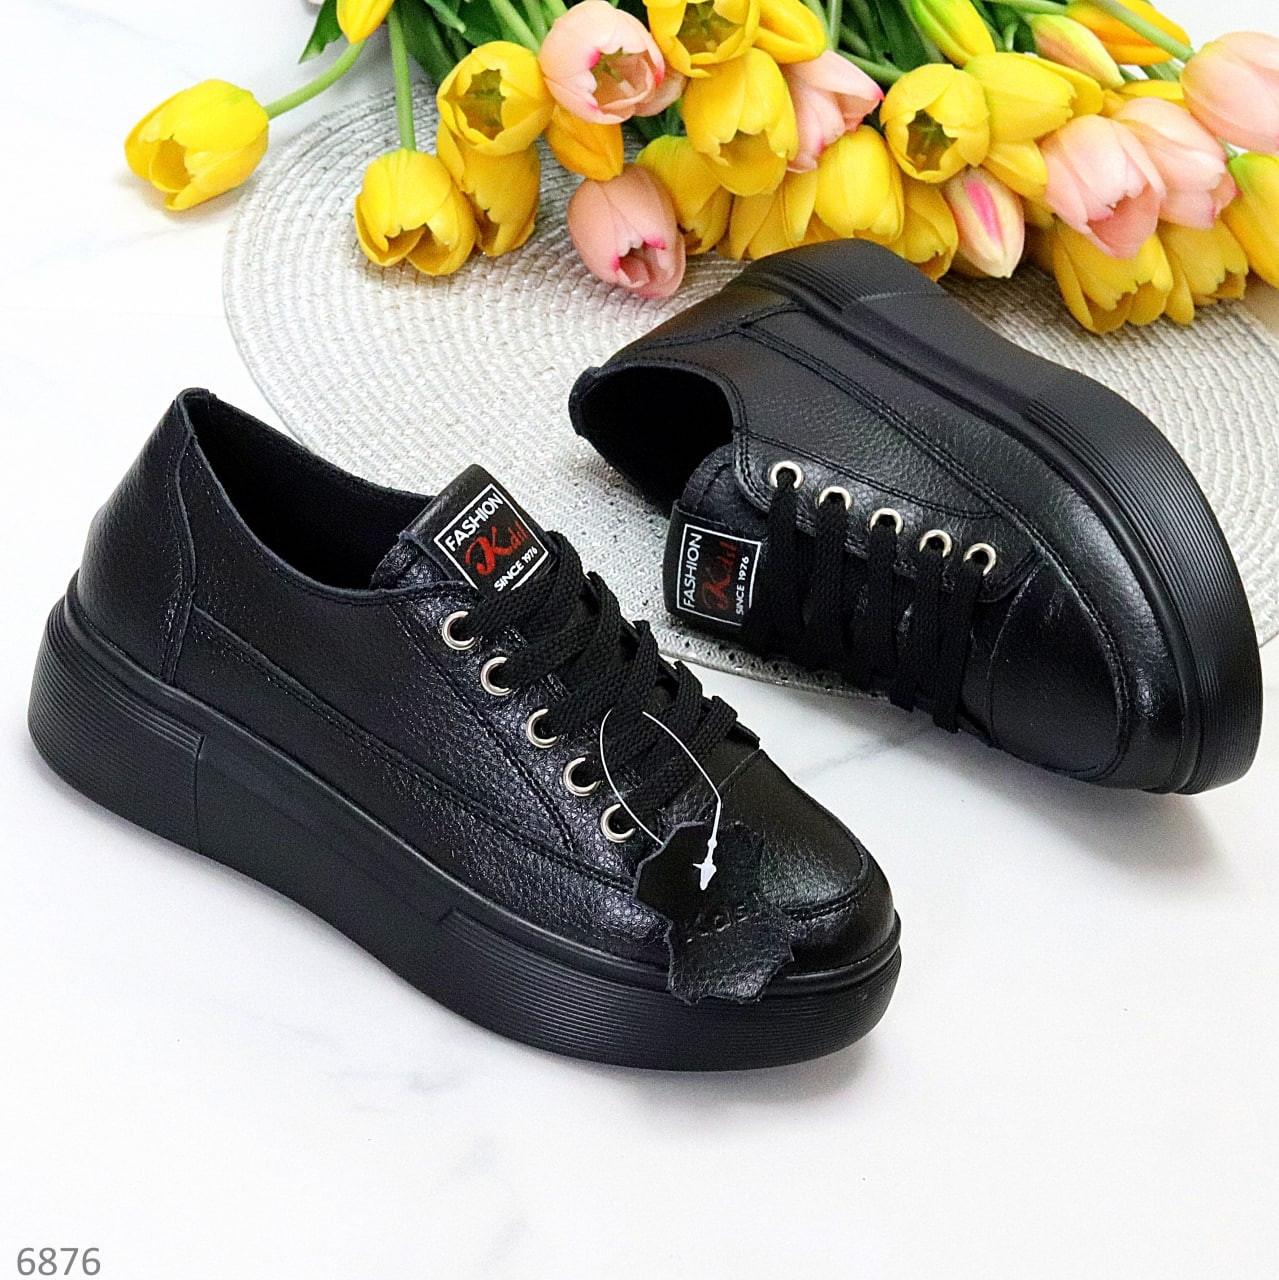 Кросівки / кеди жіночі чорні натуральна шкіра